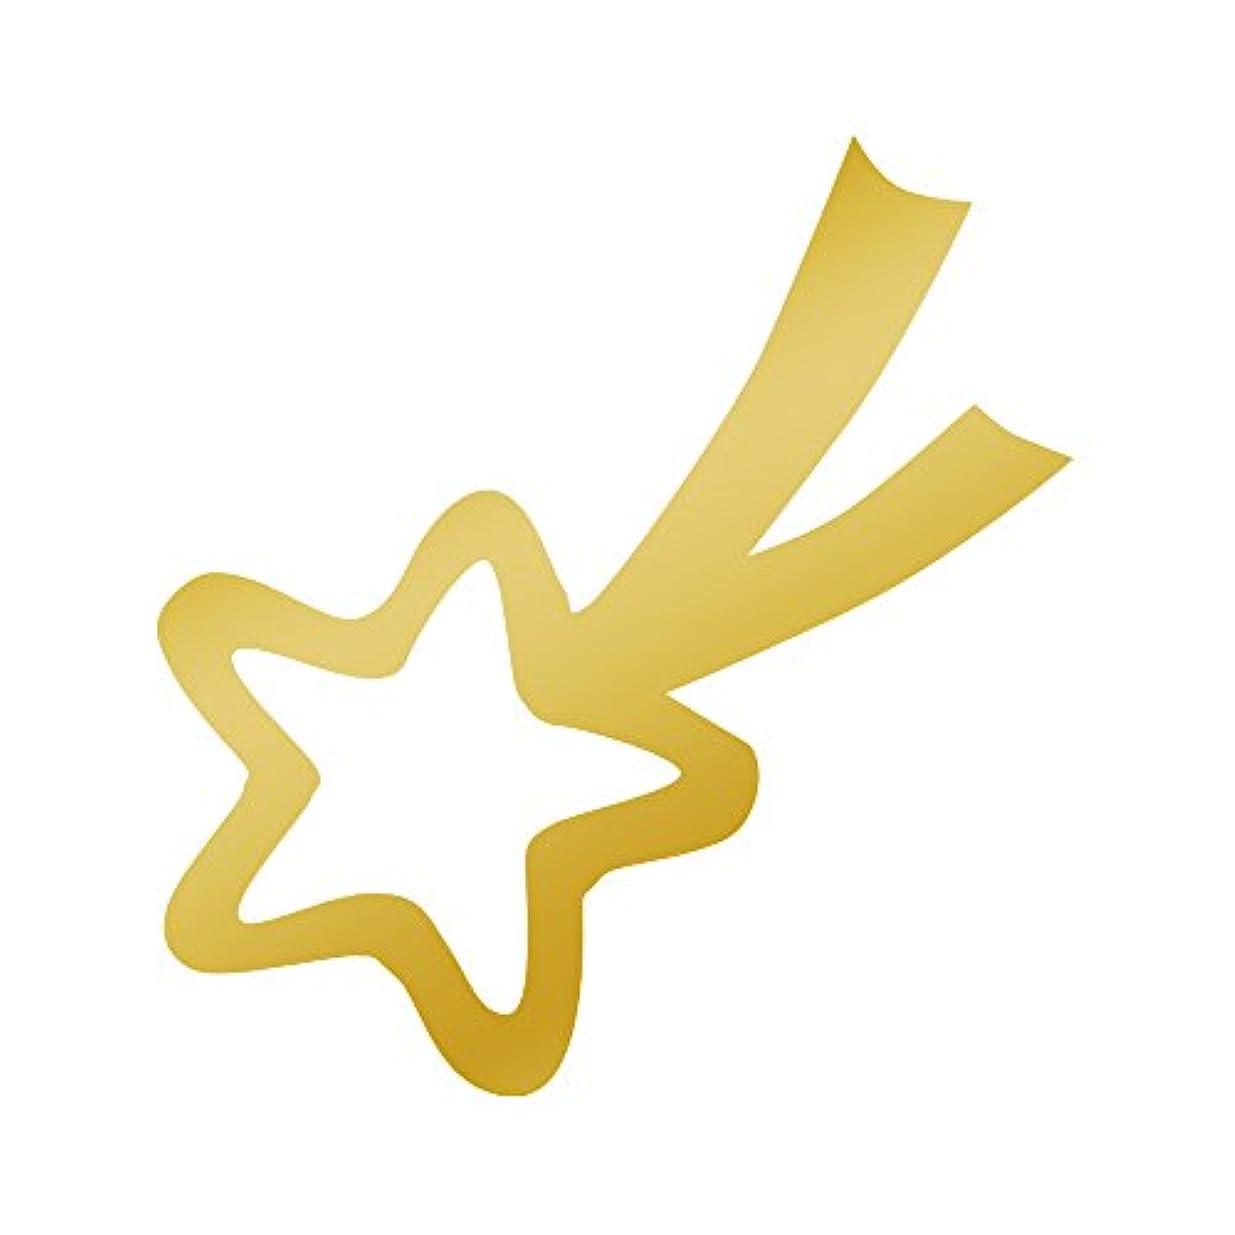 稚魚超える領収書リトルプリティー ネイルアートパーツ 流れ星 S ゴールド 10個